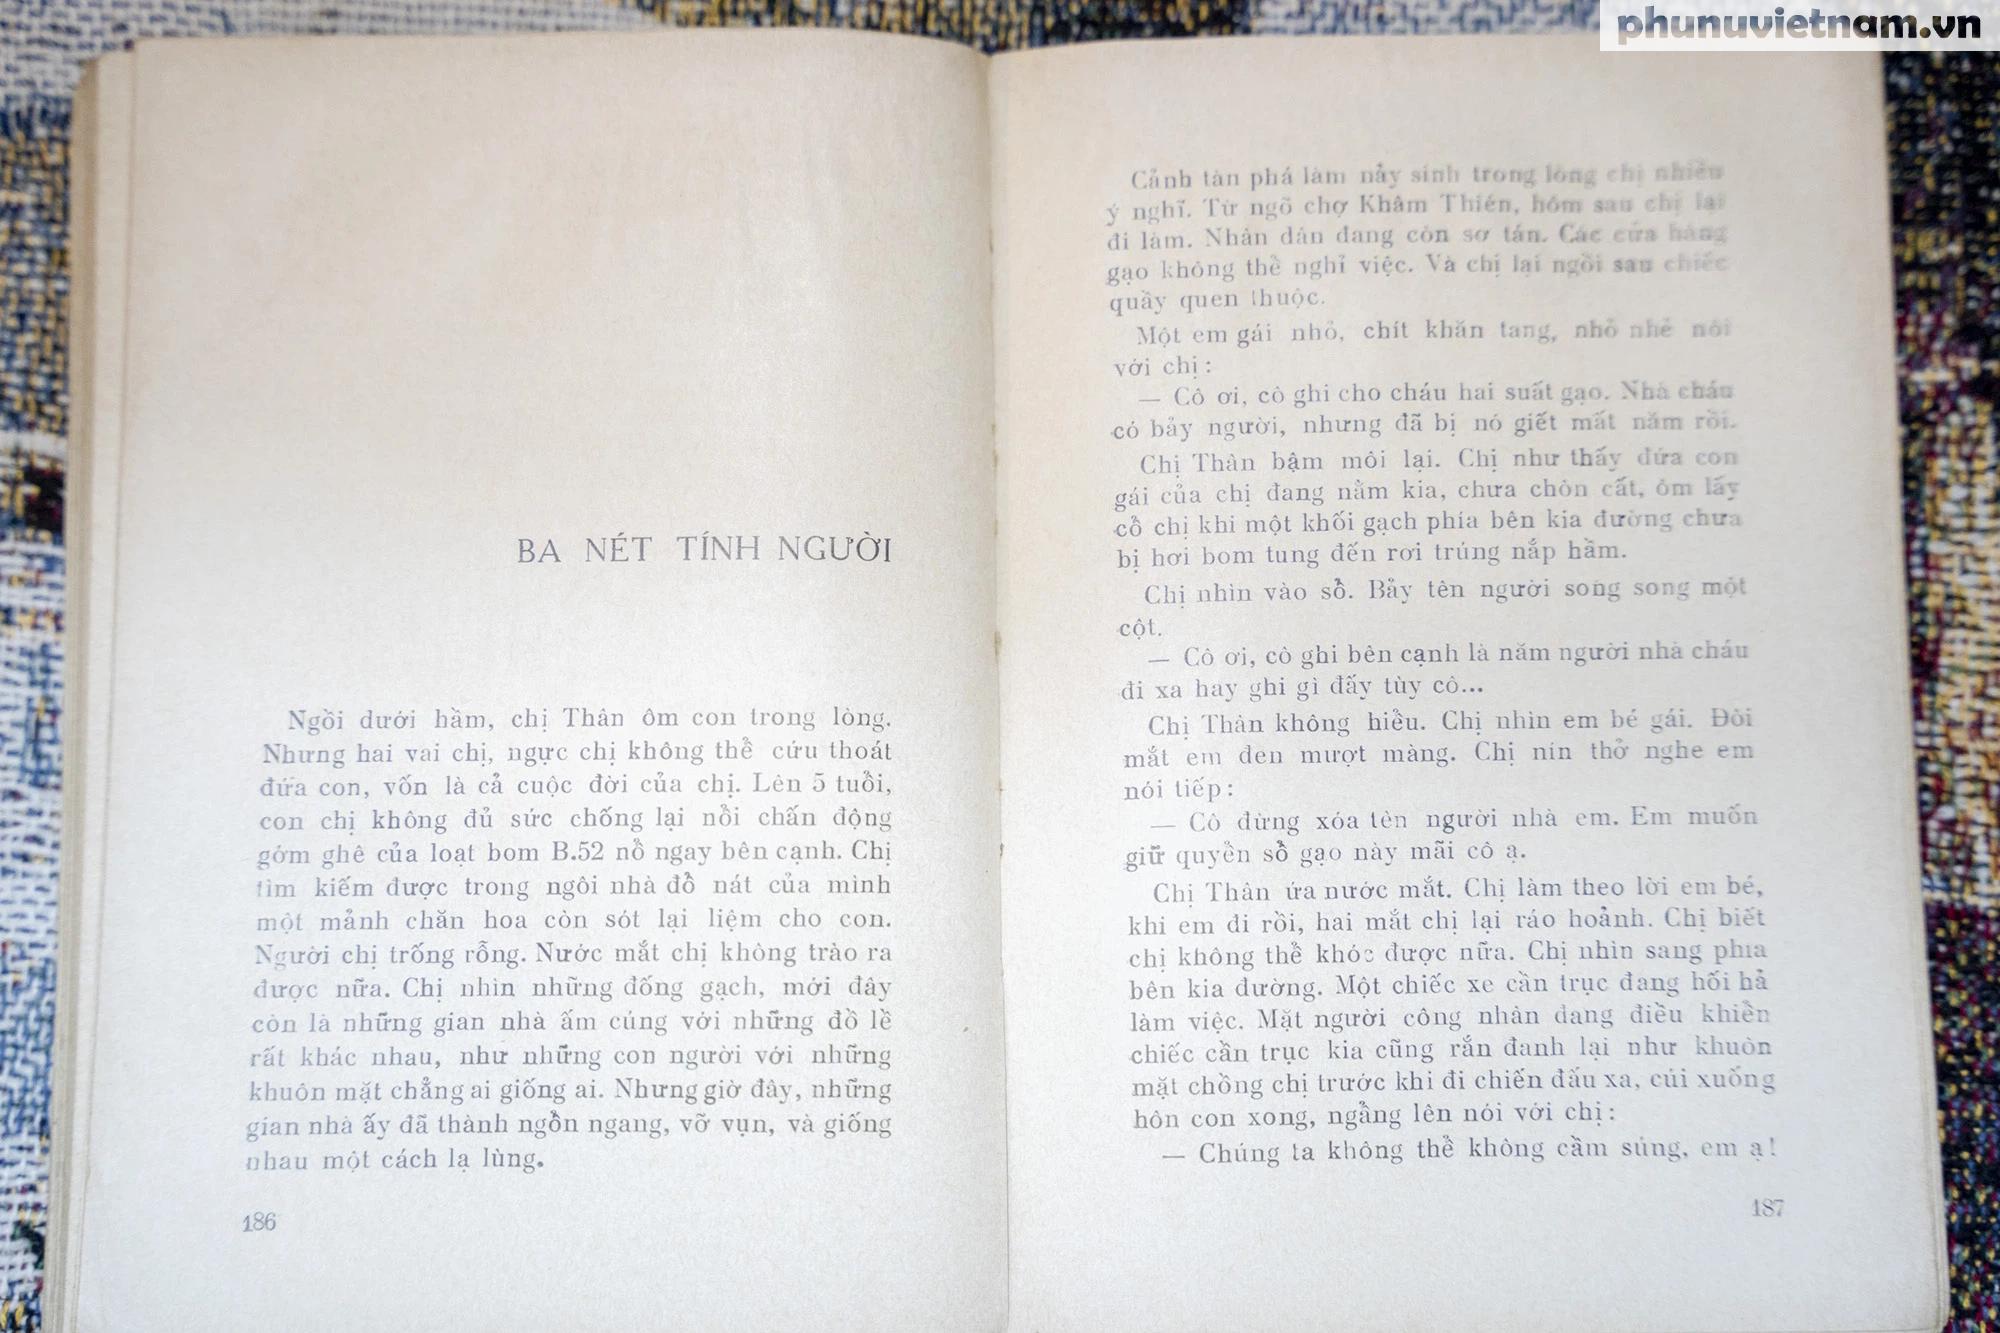 Chiêm ngưỡng kho tàng sáng tác đồ sộ của nhà văn Sơn Tùng về Bác Hồ, danh nhân cách mạng - Ảnh 2.